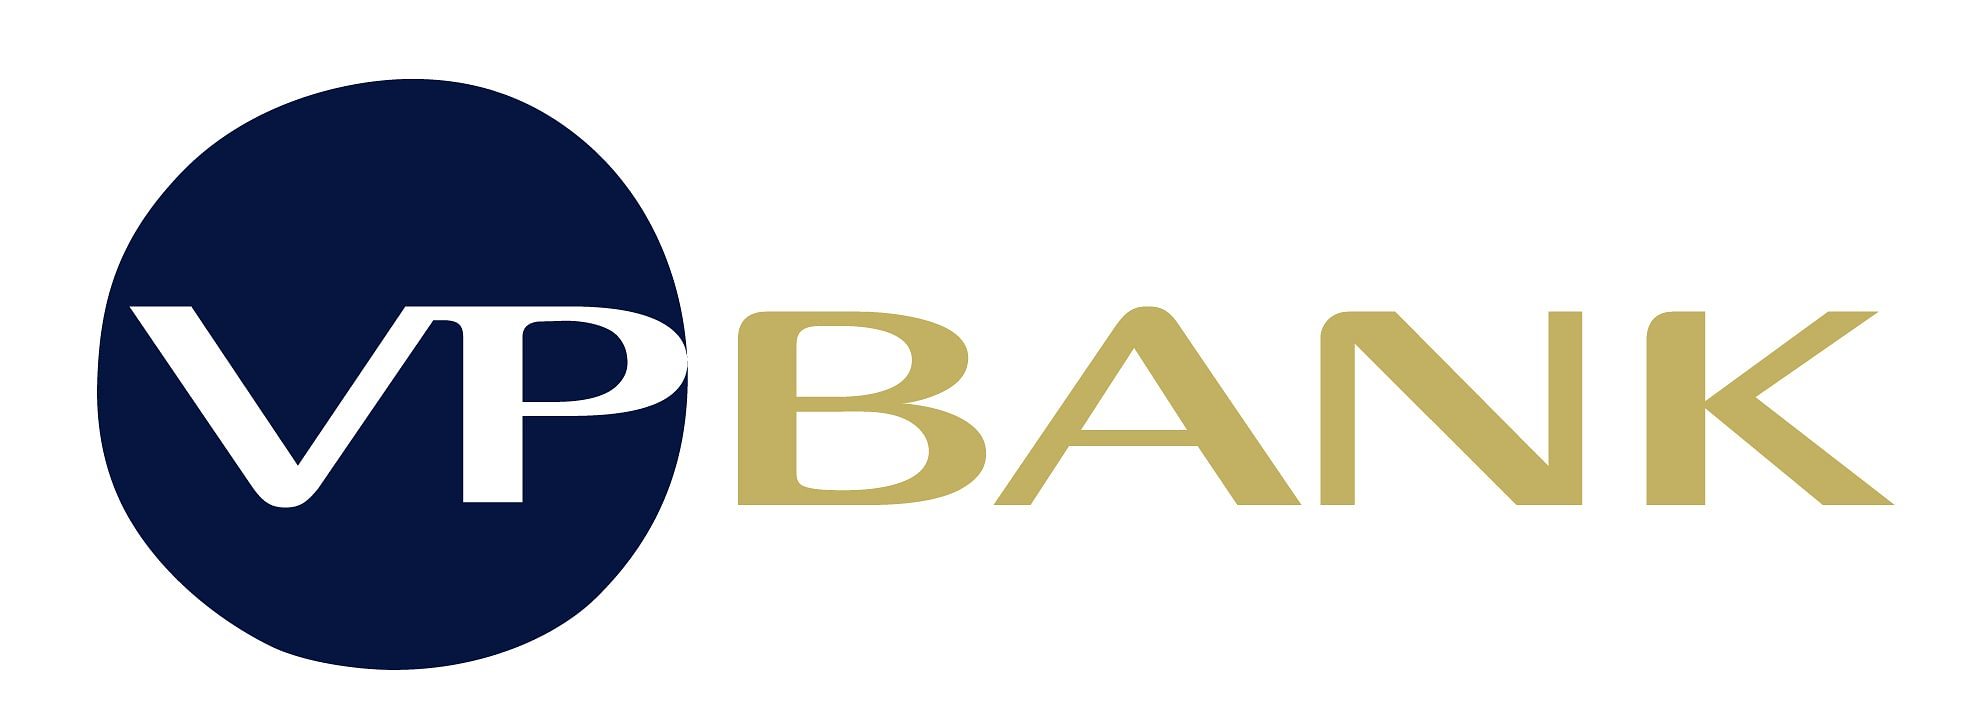 VP Bank (Schweiz) AG